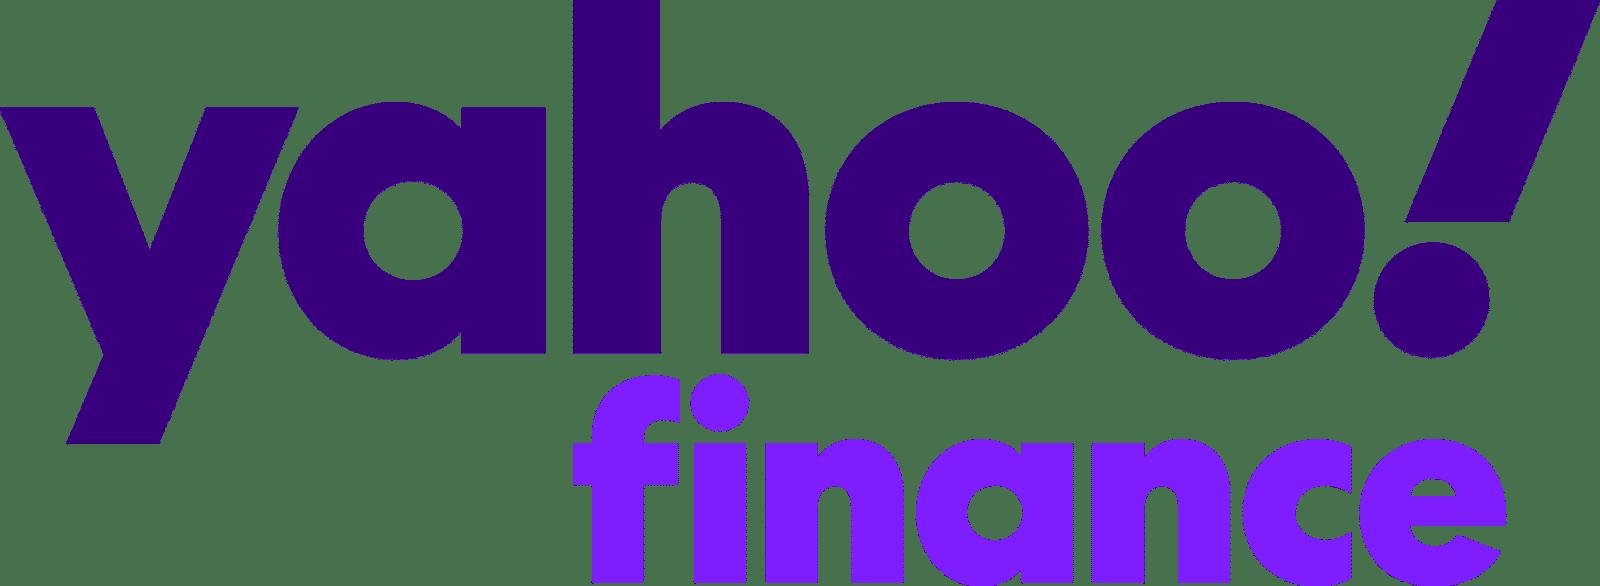 Featured on Yahoo Finance